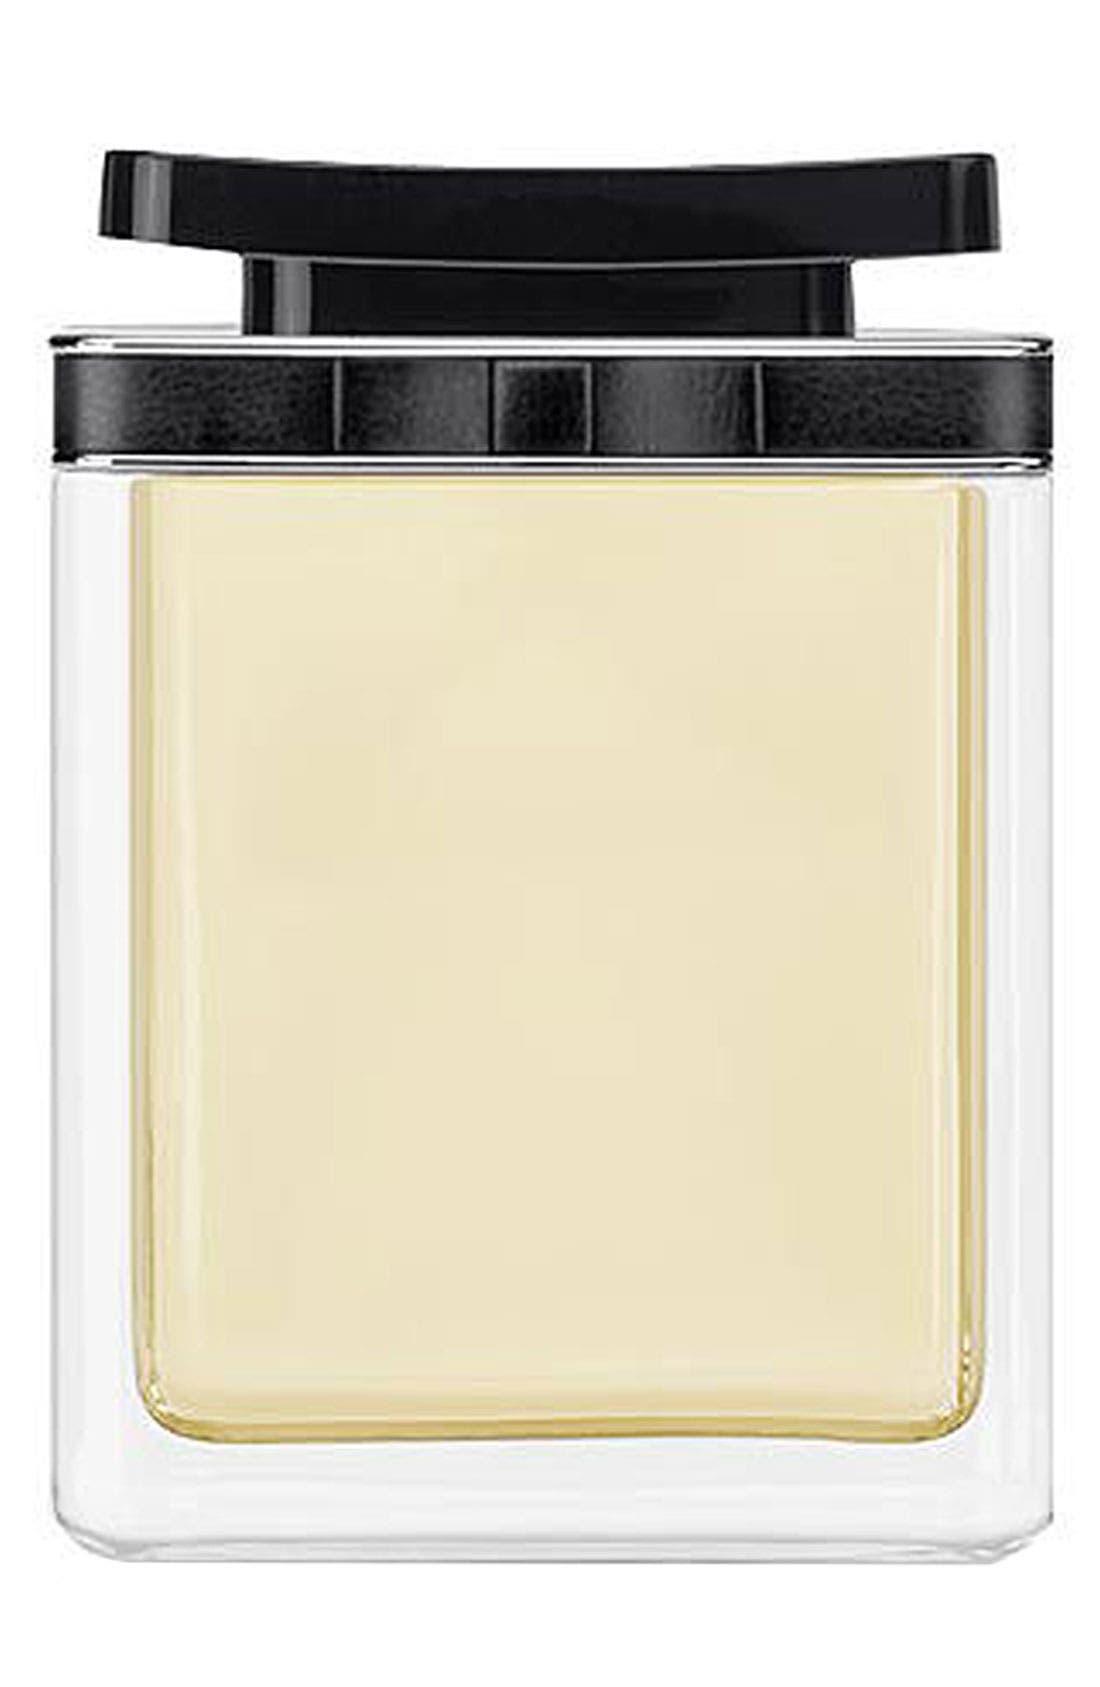 MARC JACOBS WOMAN Eau de Parfum Spray, Main, color, NO COLOR